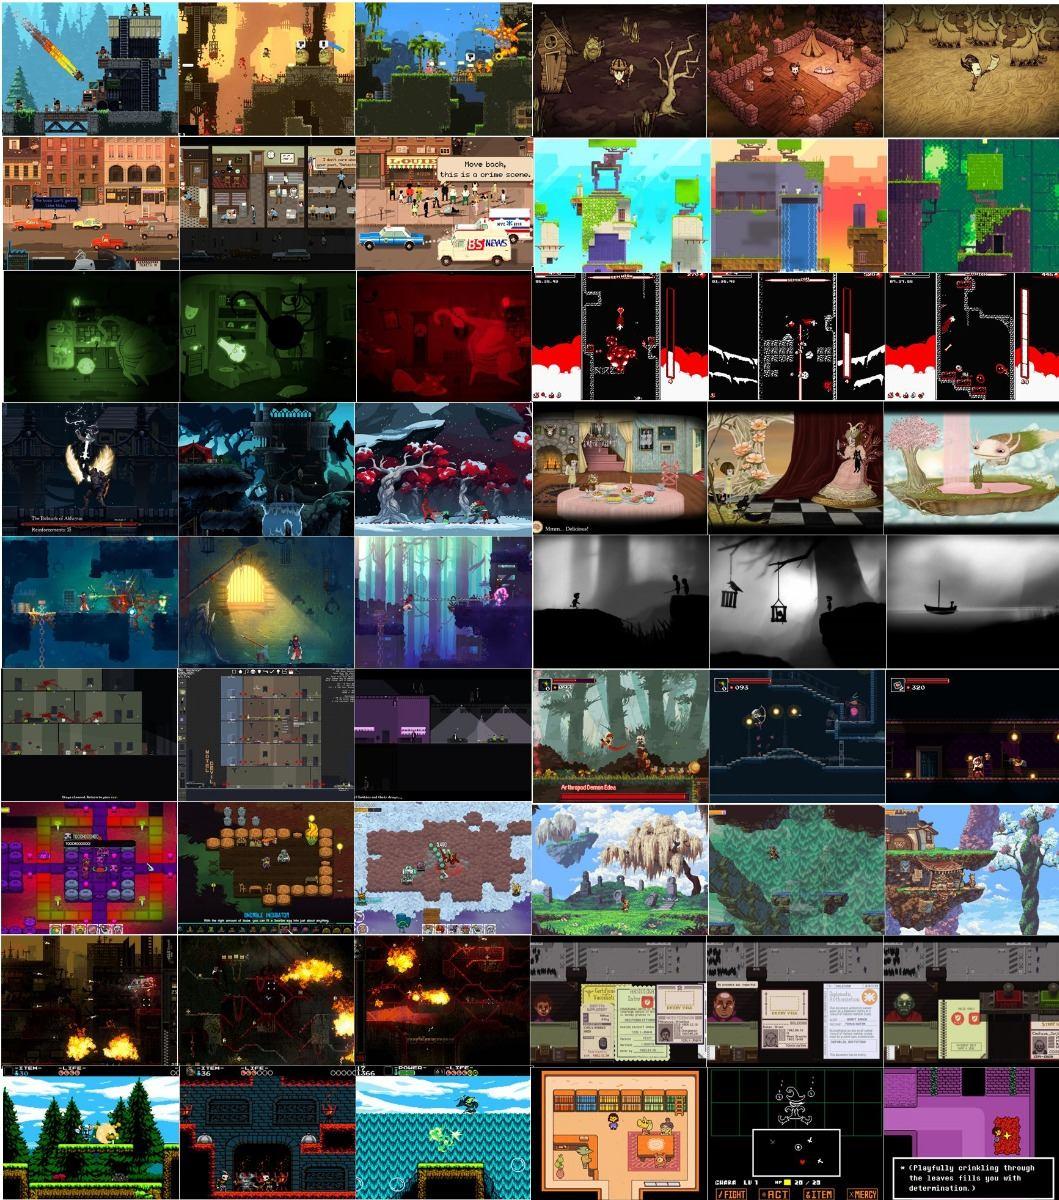 Usb 32 Gb De 90 Juegos Indie Para Pc Videojuegos Pc 700 00